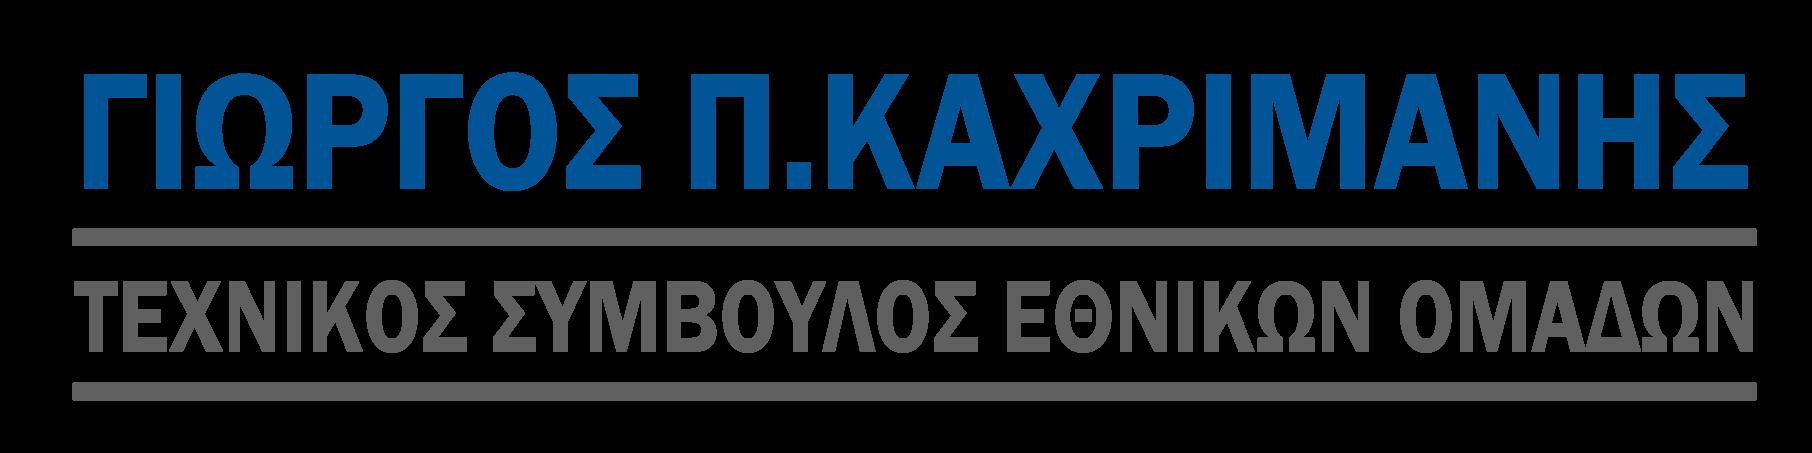 ΓΙΩΡΓΟΣ ΚΑΧΡΙΜΑΝΗΣ